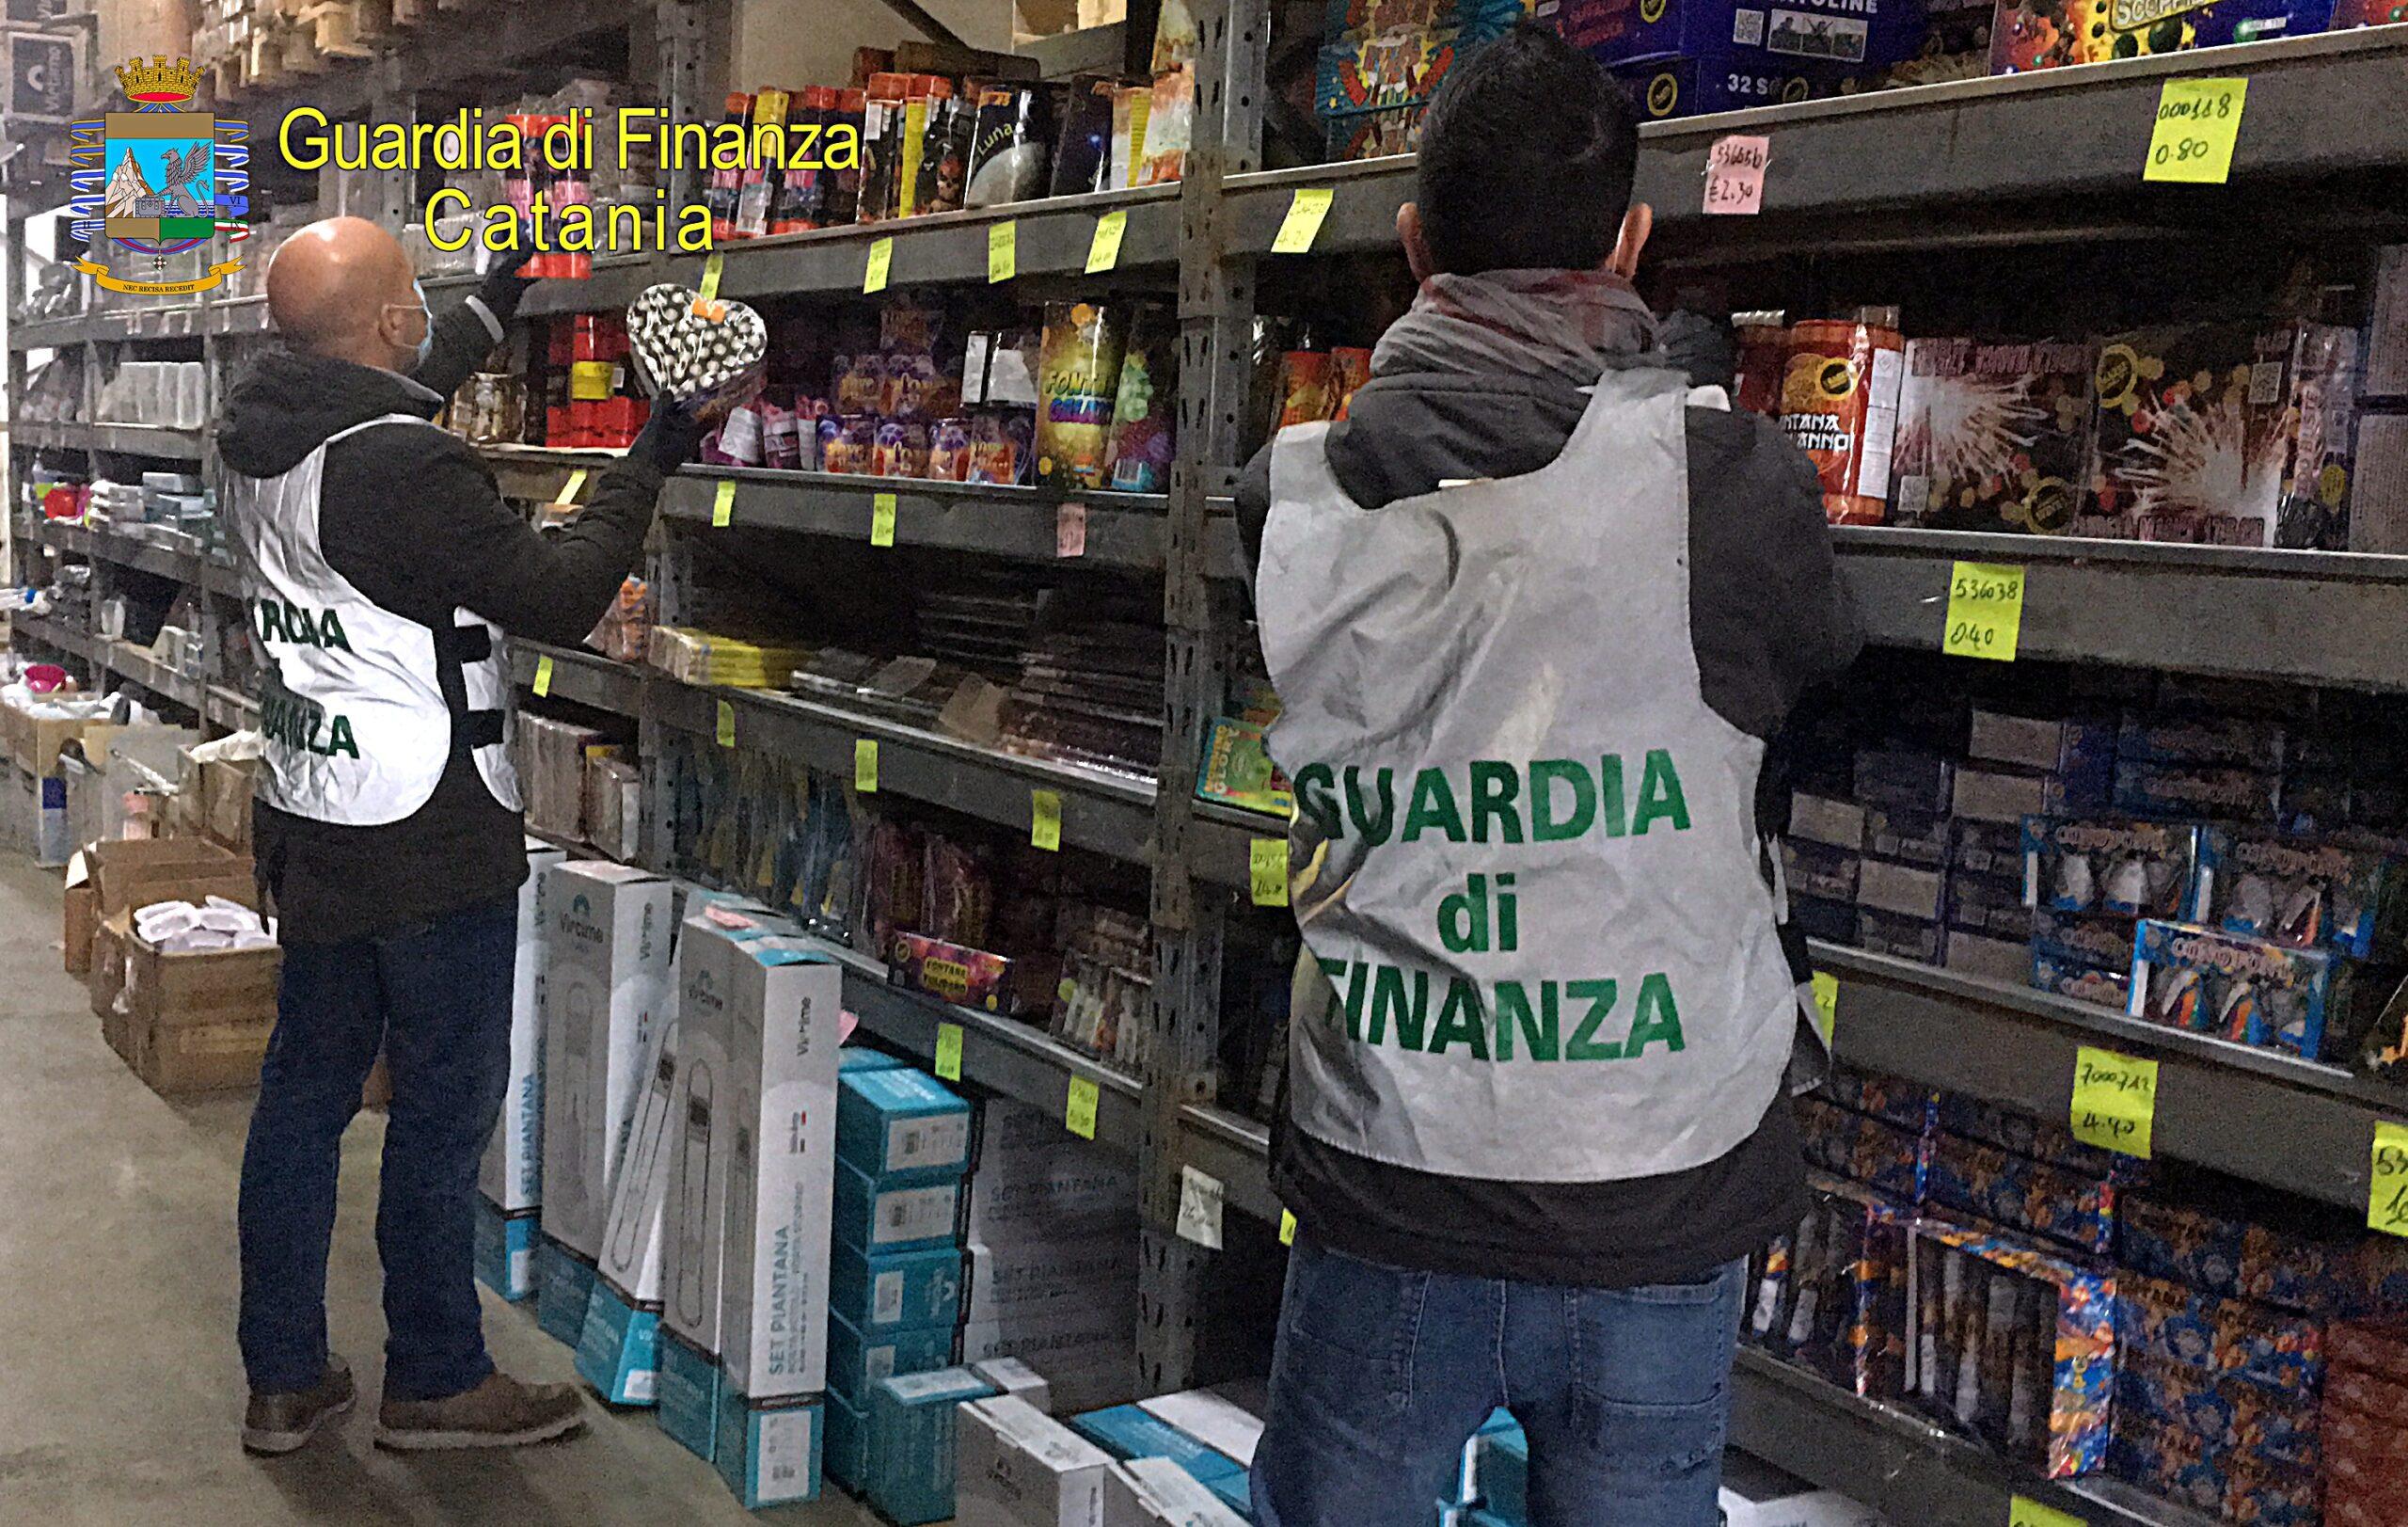 Misterbianco, i Finanzieri di Catania sequestrano oltre mille chili di artifizi pirotecnici: nei guai una cinese